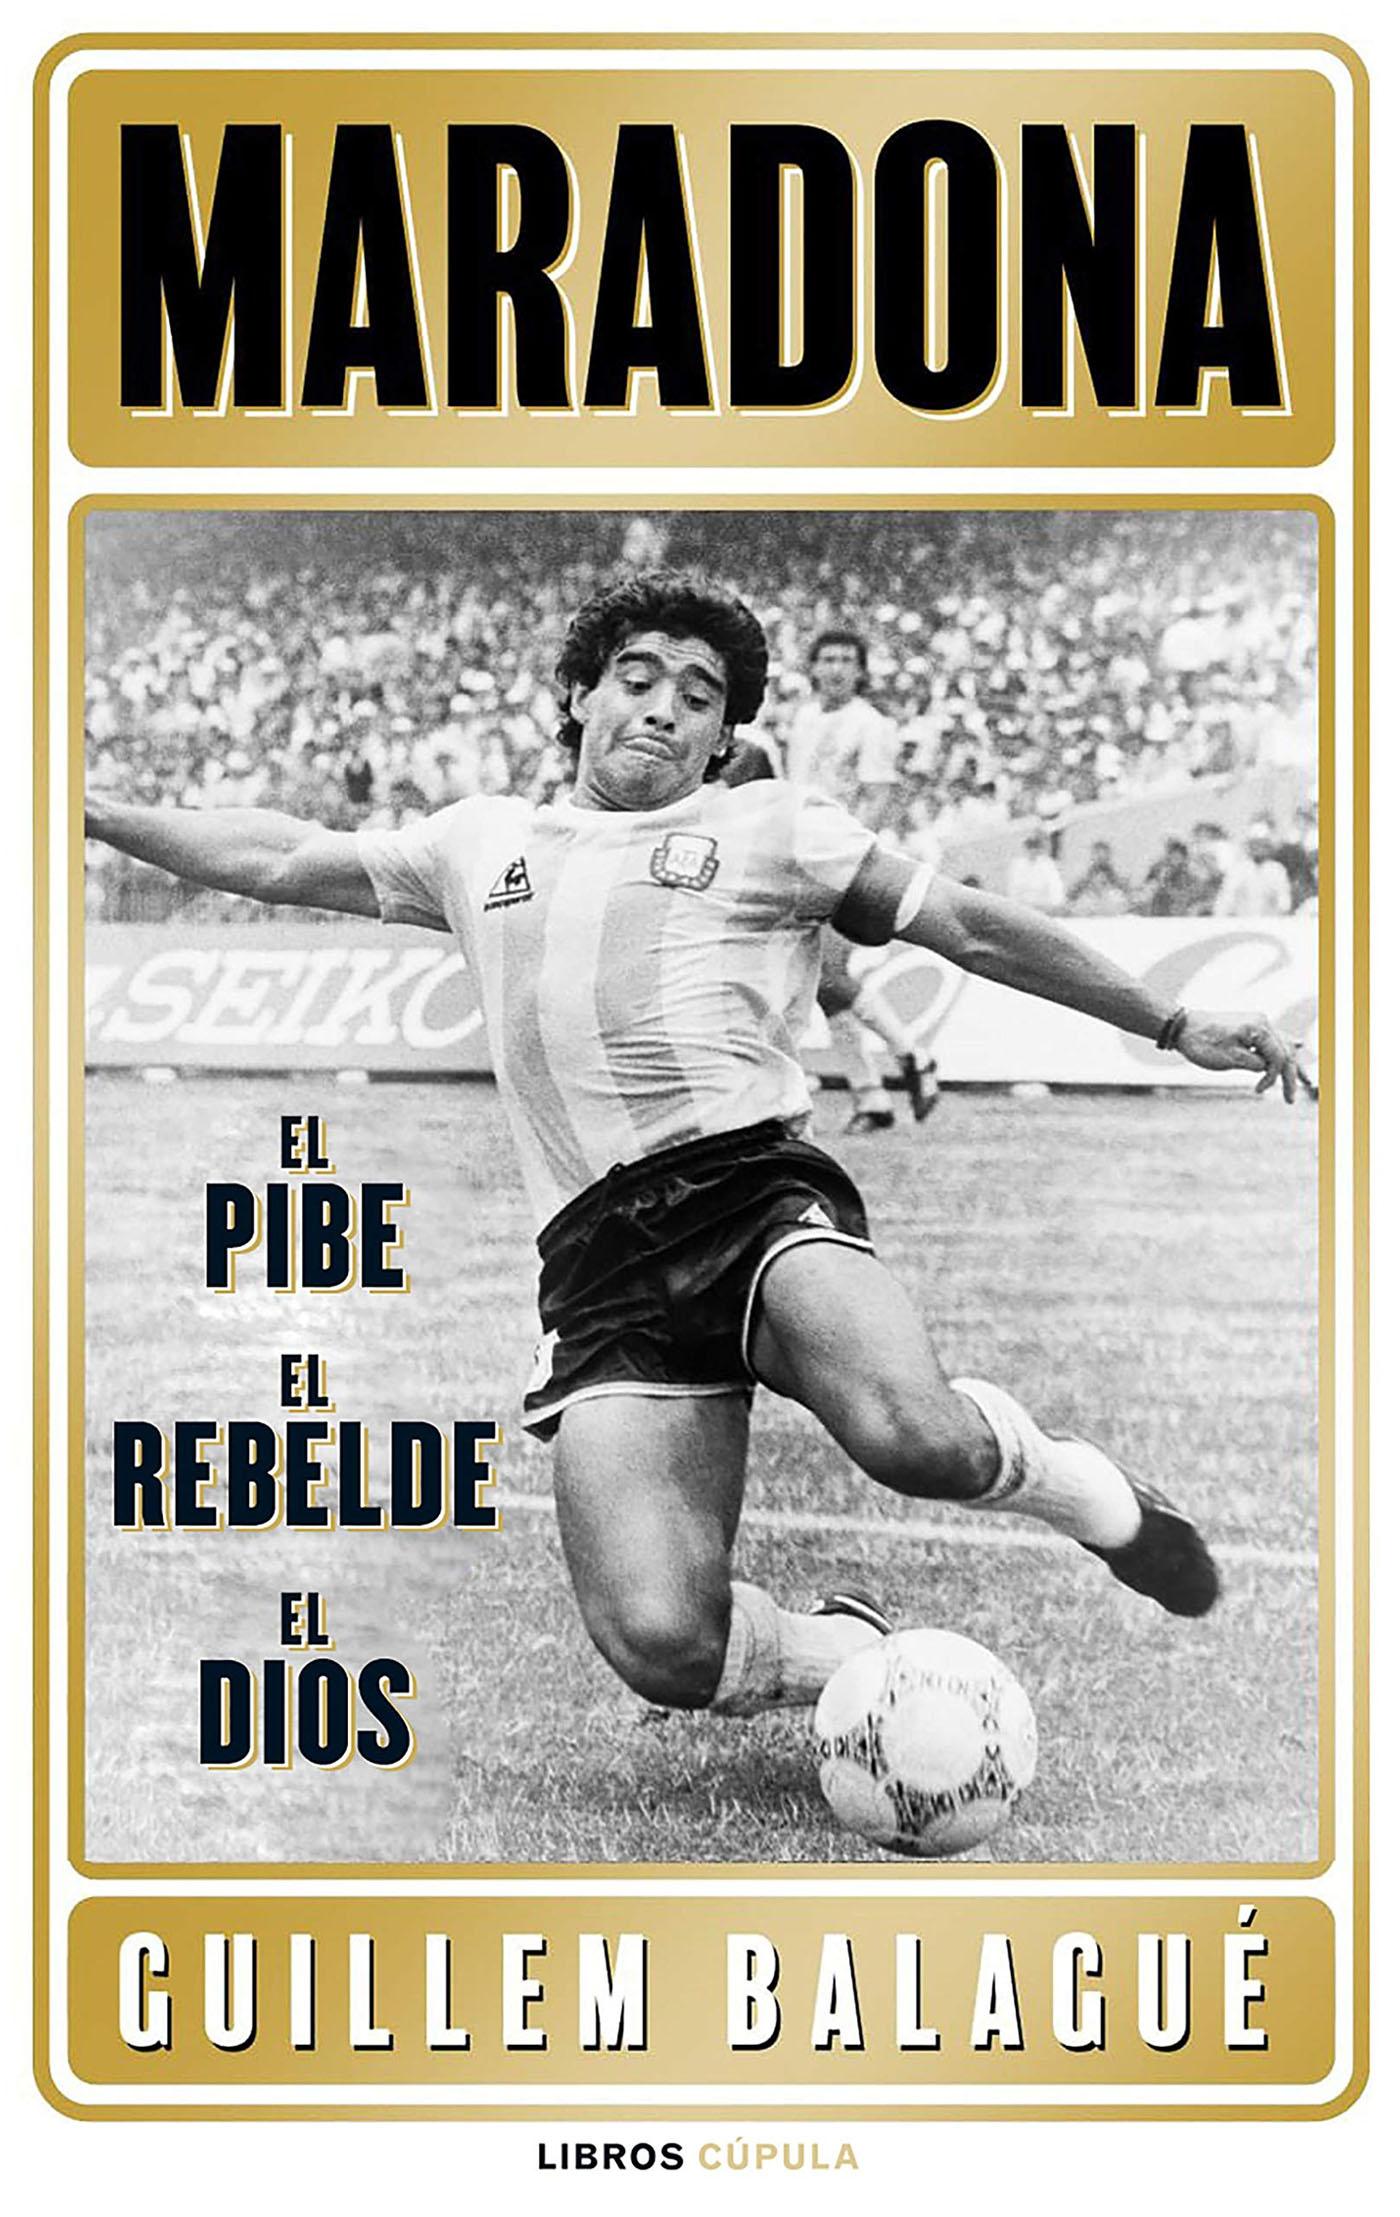 Maradona El pibe el rebelde el dios Guillem Balagué